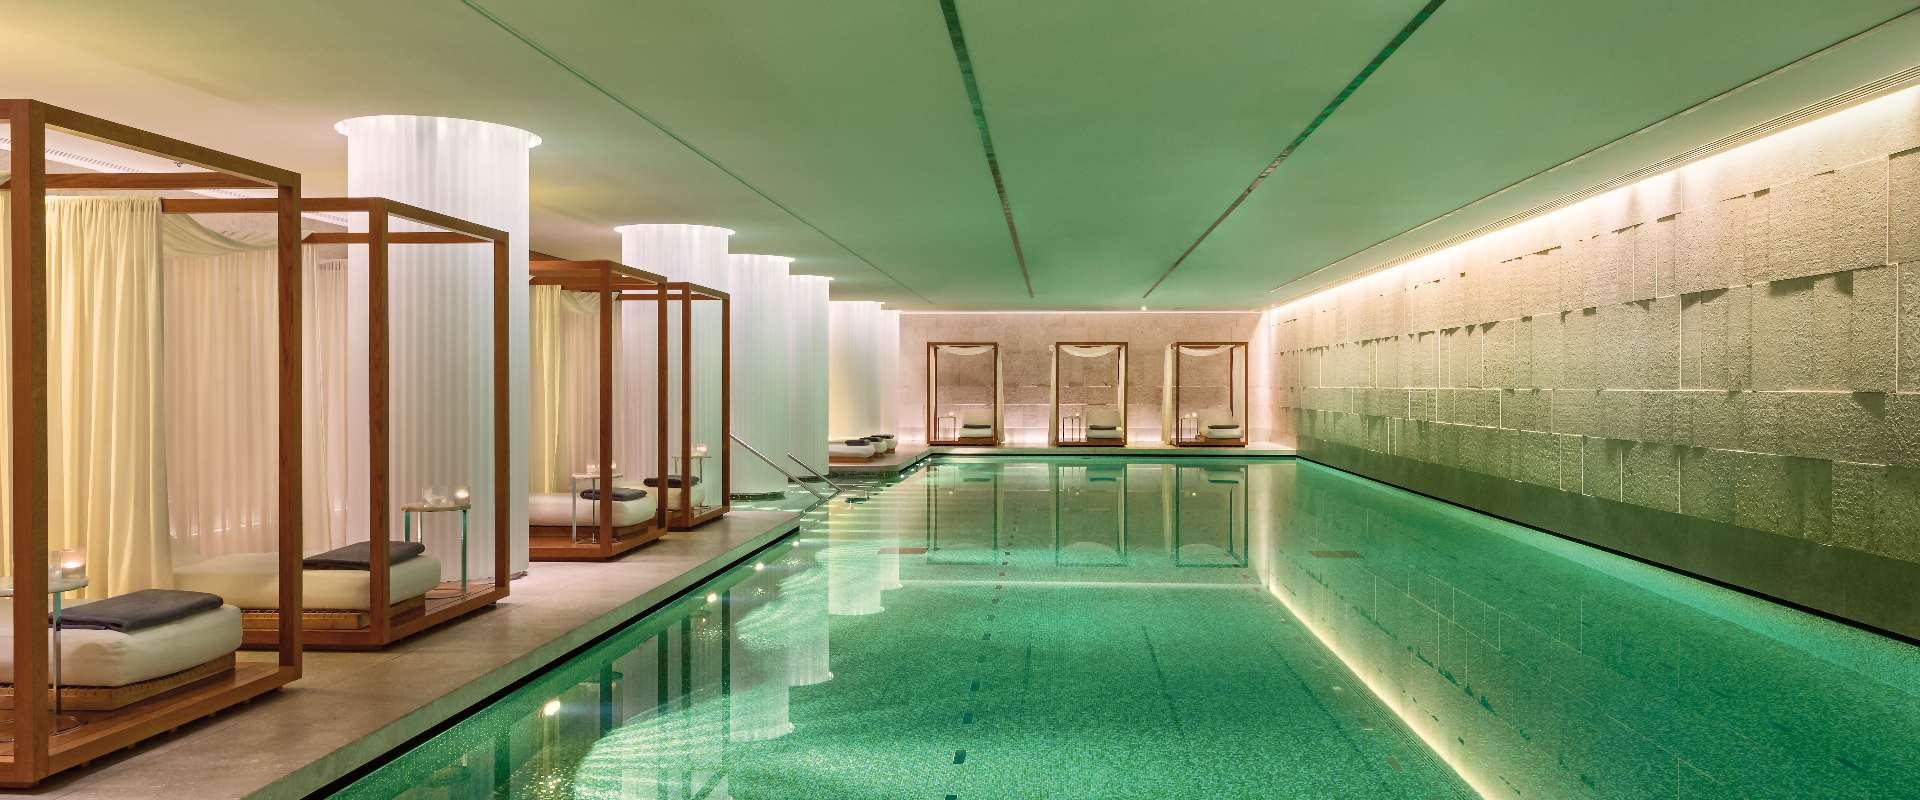 15 piscinas surpreendentes em ambientes fechados ao redor do mundo